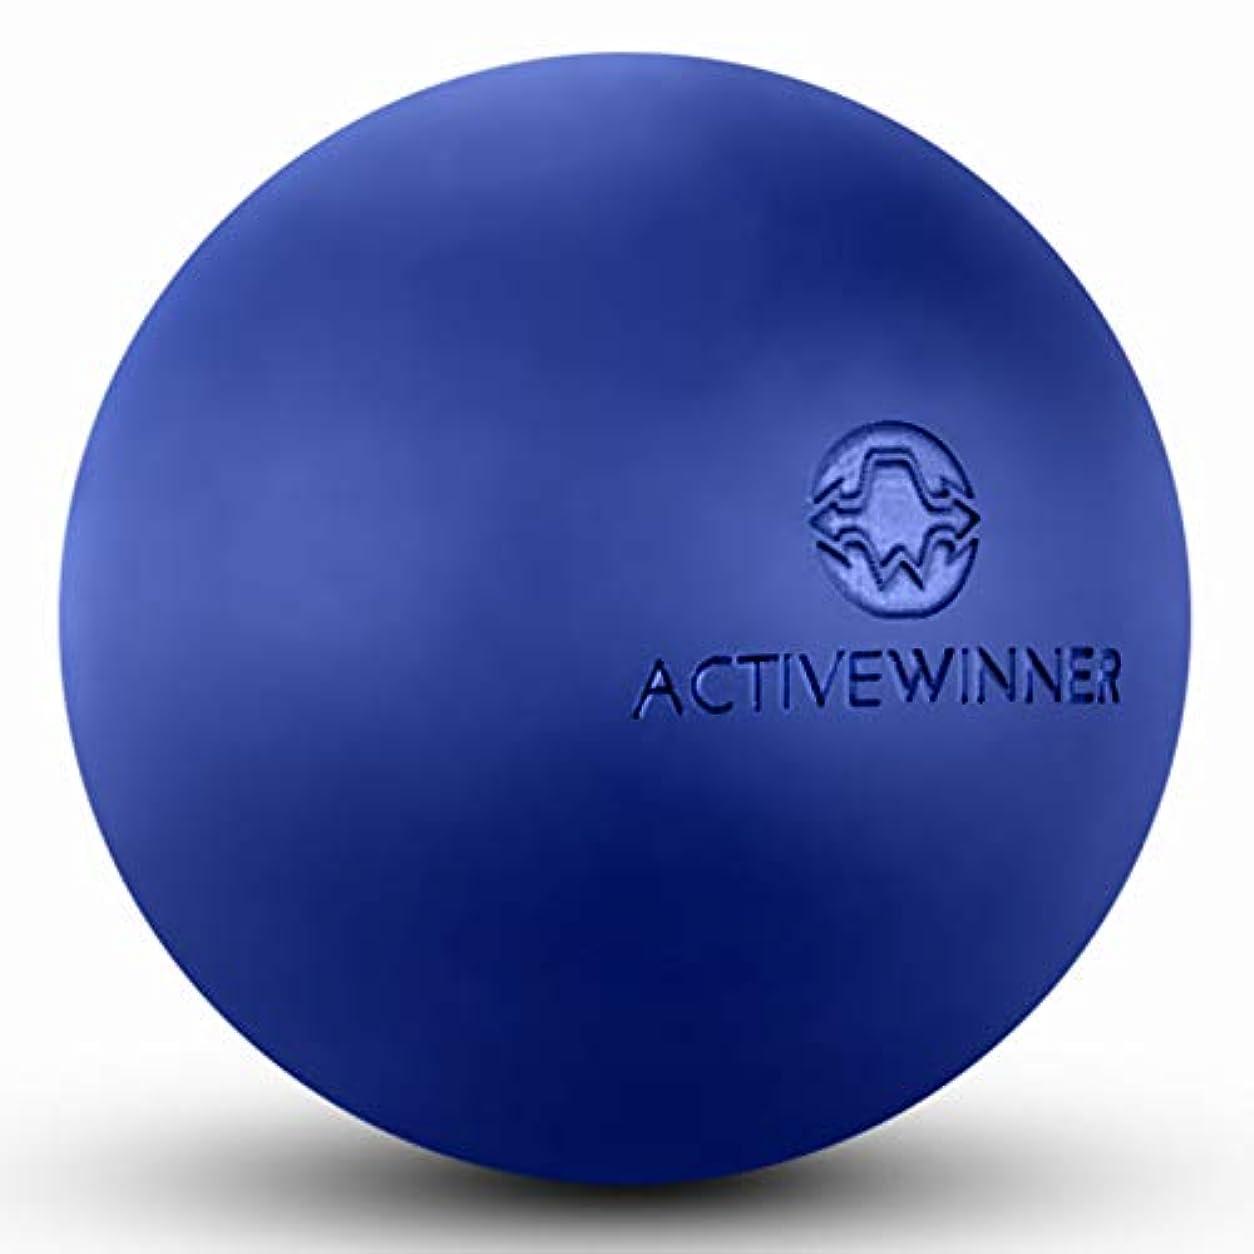 バンク軸薬用Active Winner マッサージボール トリガーポイント (ネイビー) ストレッチボール 筋膜リリース トレーニング 背中 肩こり 腰 ふくらはぎ 足 ツボ押し